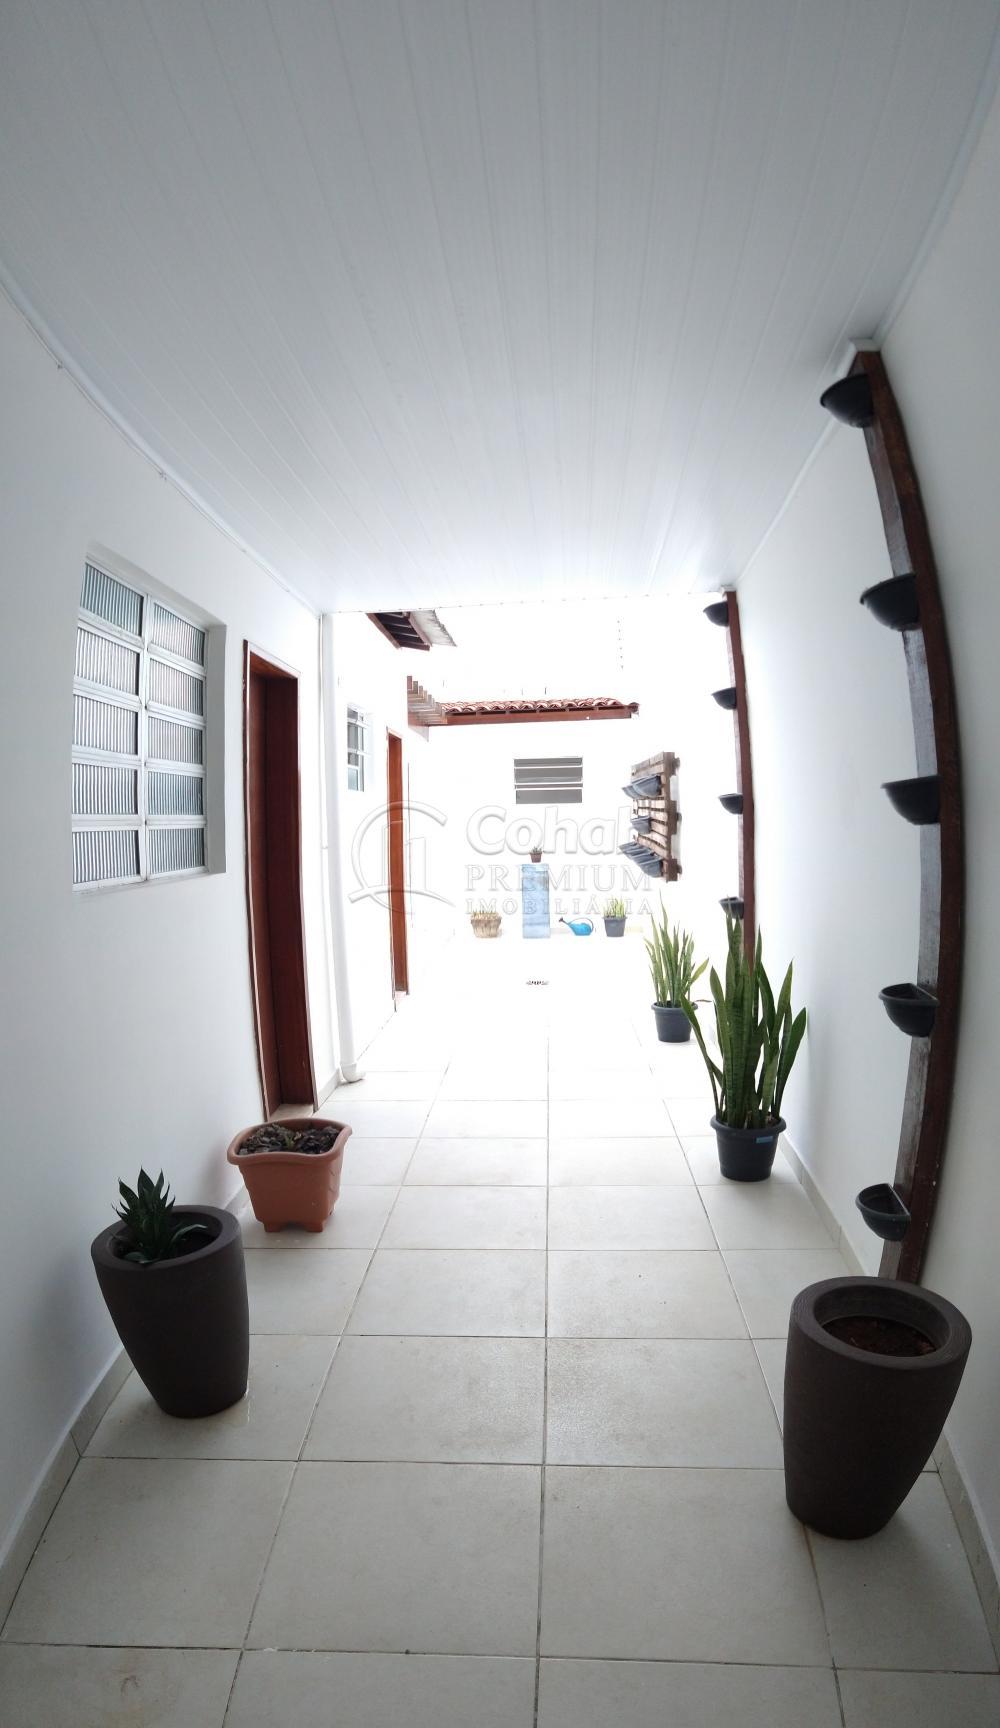 Alugar Comercial / Ponto Comercial em Aracaju apenas R$ 8.000,00 - Foto 15